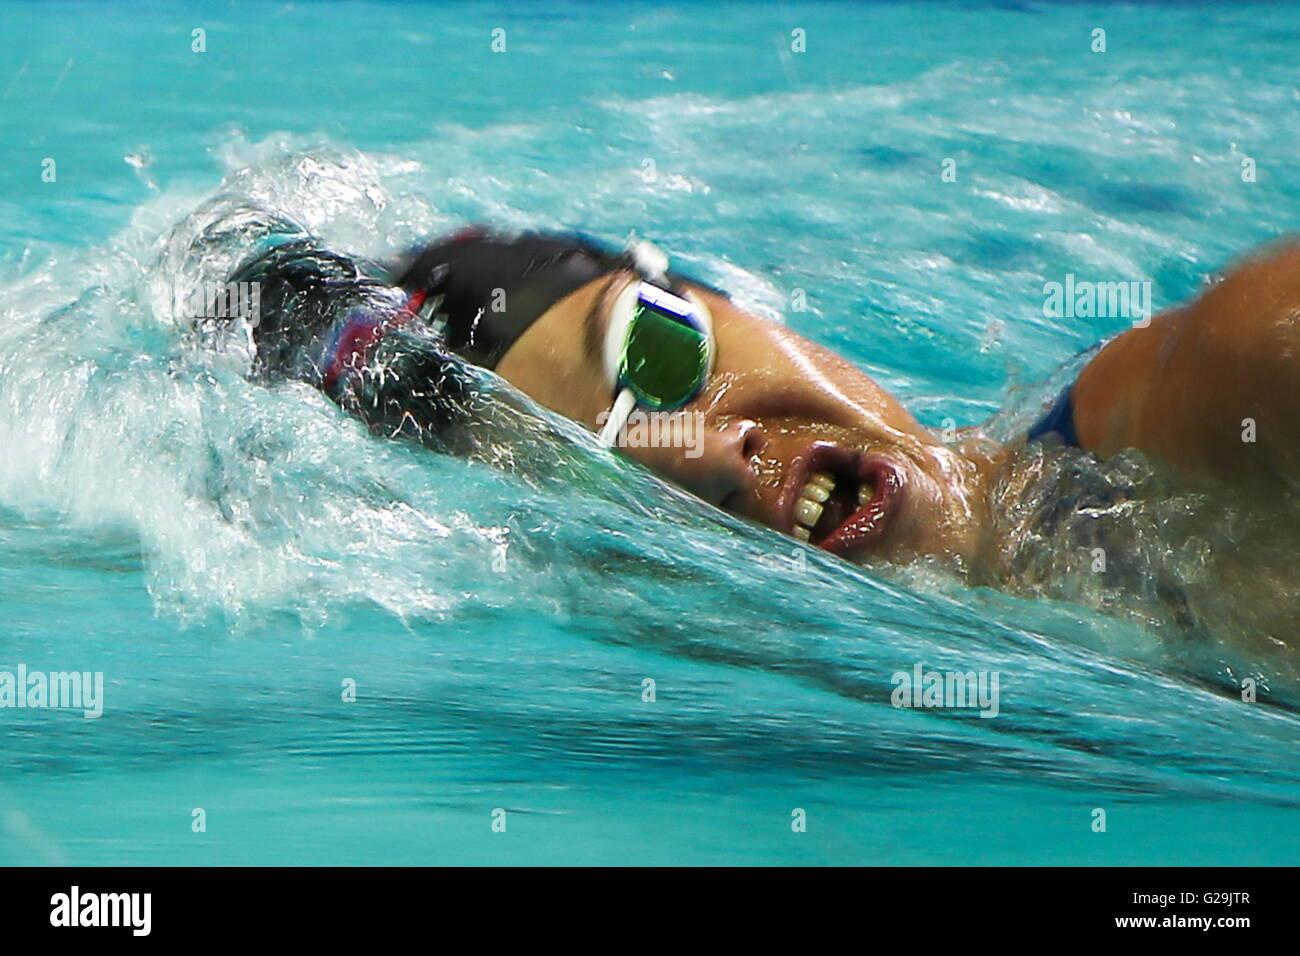 Moscú, Rusia. 27 de mayo de 2016. Atleta Anna Buryak compite en el Women's 200 m natación freestyle Imagen De Stock